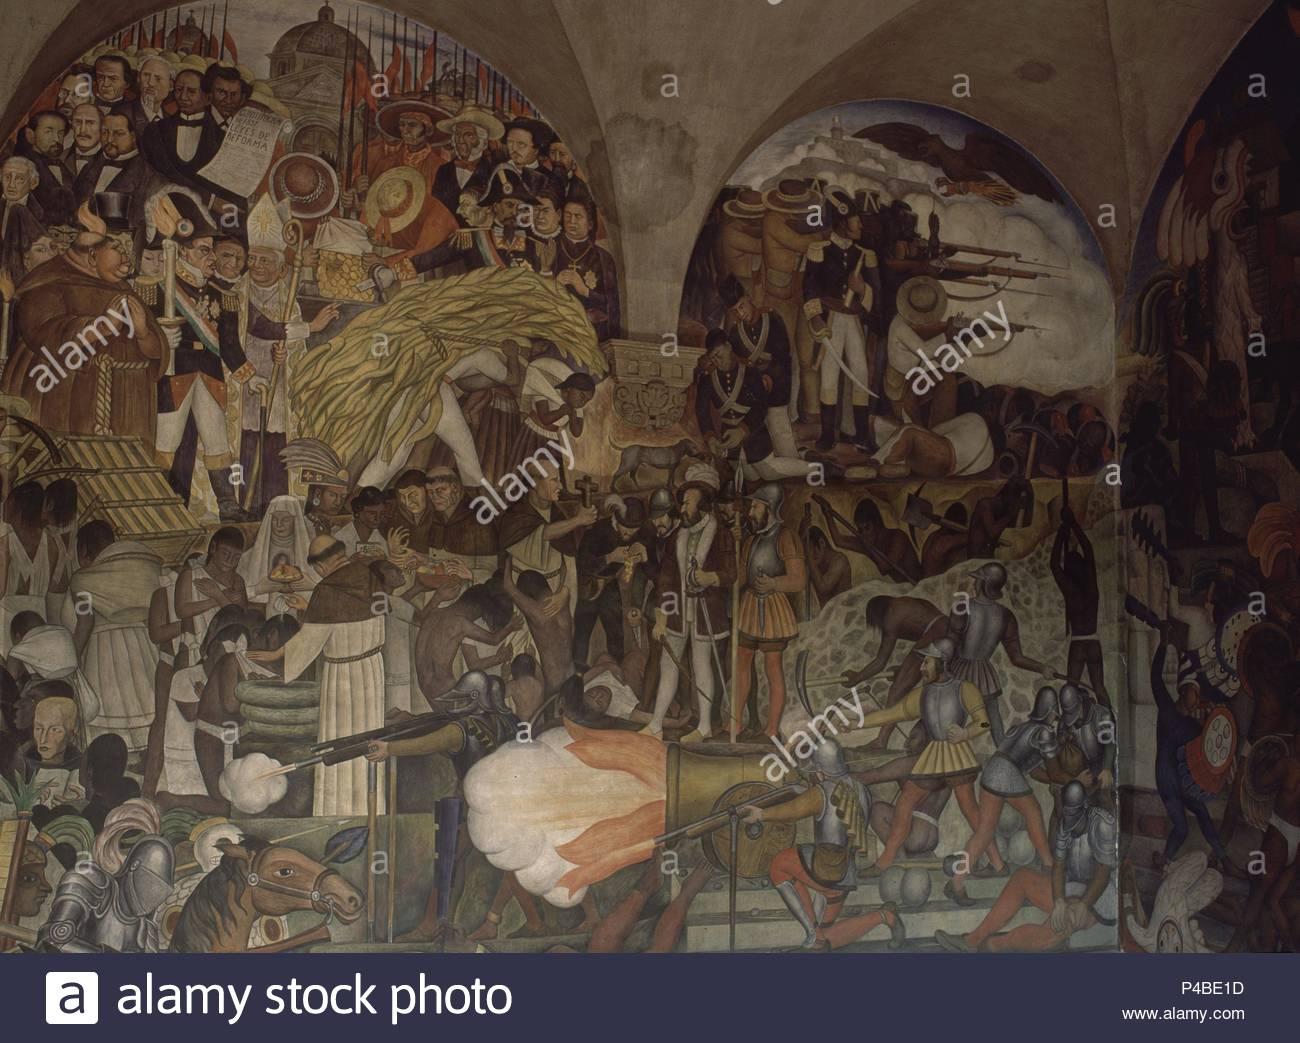 Escalera Principal Murales De La Historia De Mexico Autor Diego